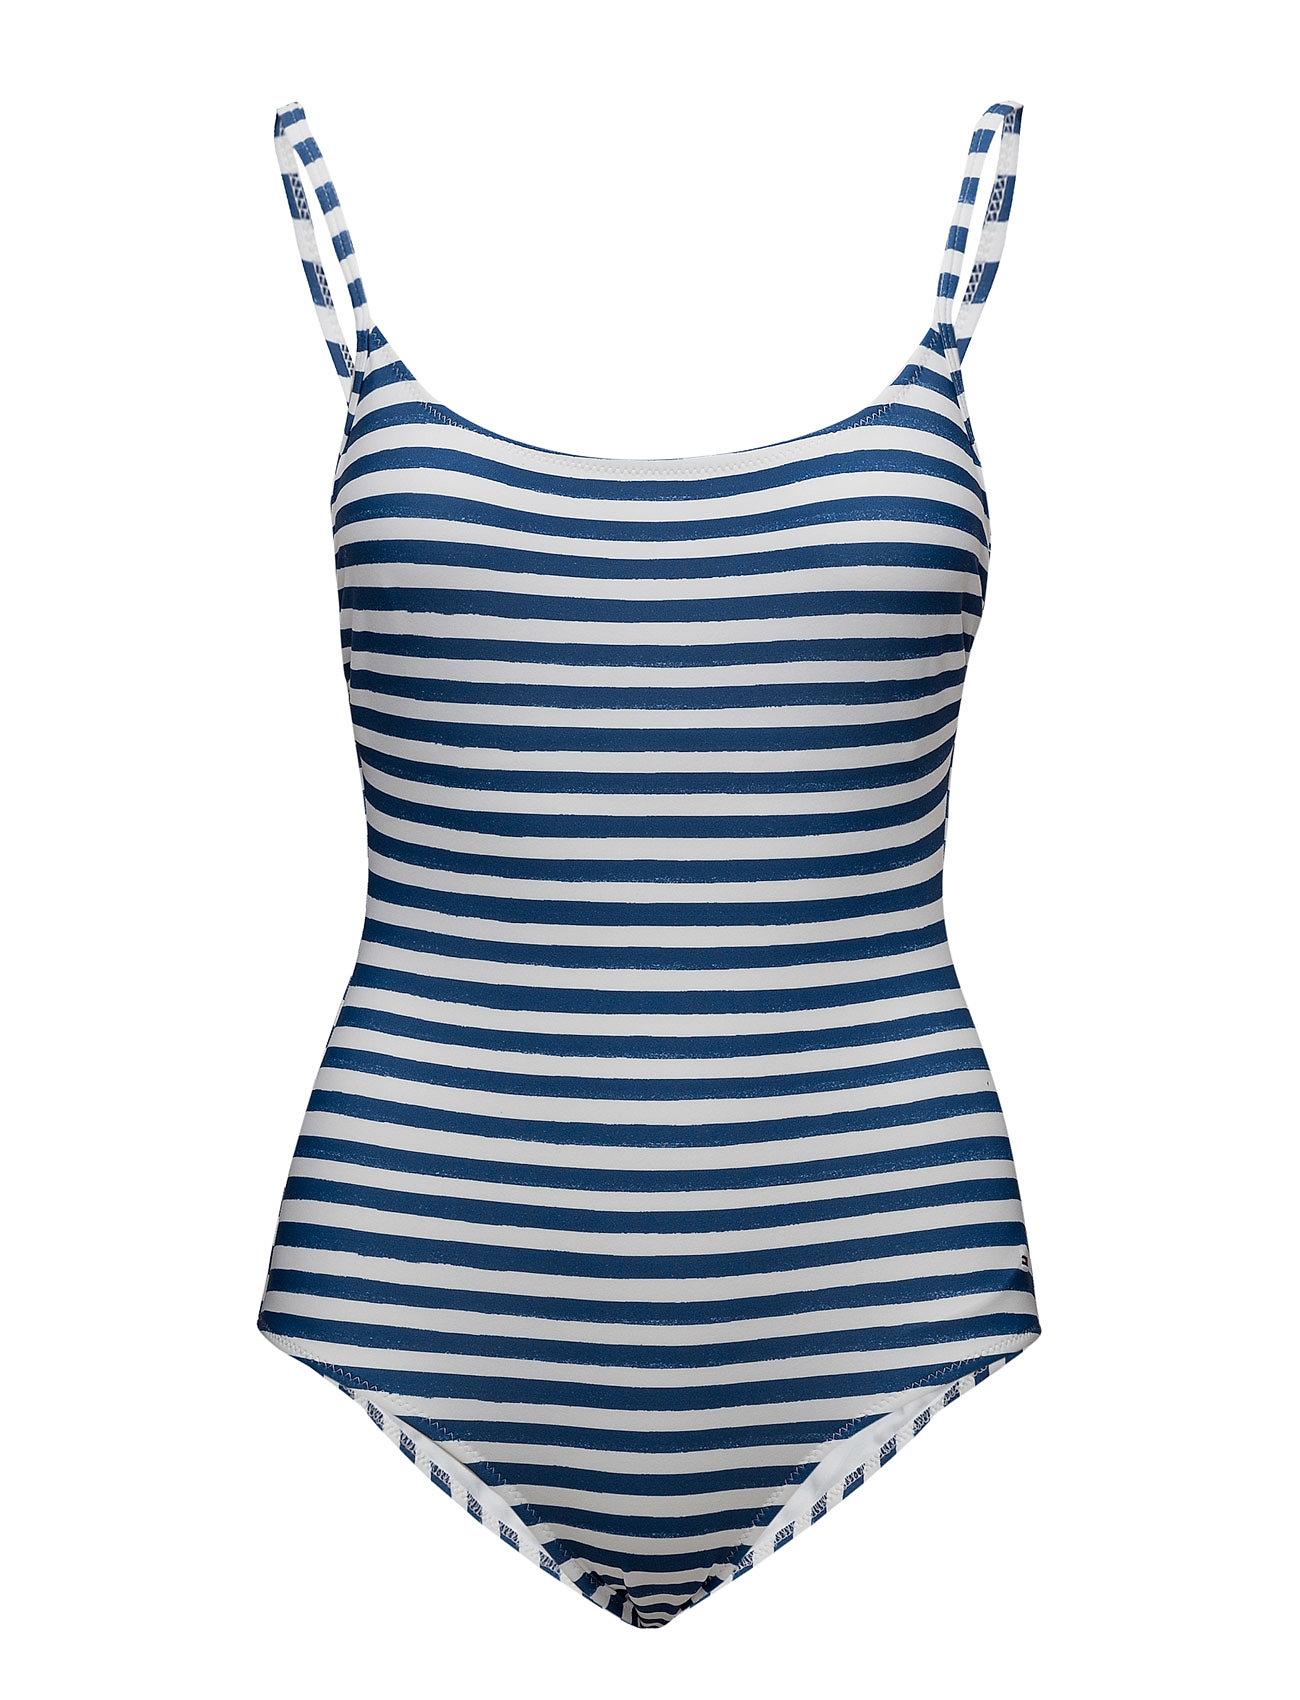 Thdw Stripe Swimsuit 11 Hilfiger Denim Badetøj til Damer i Blå